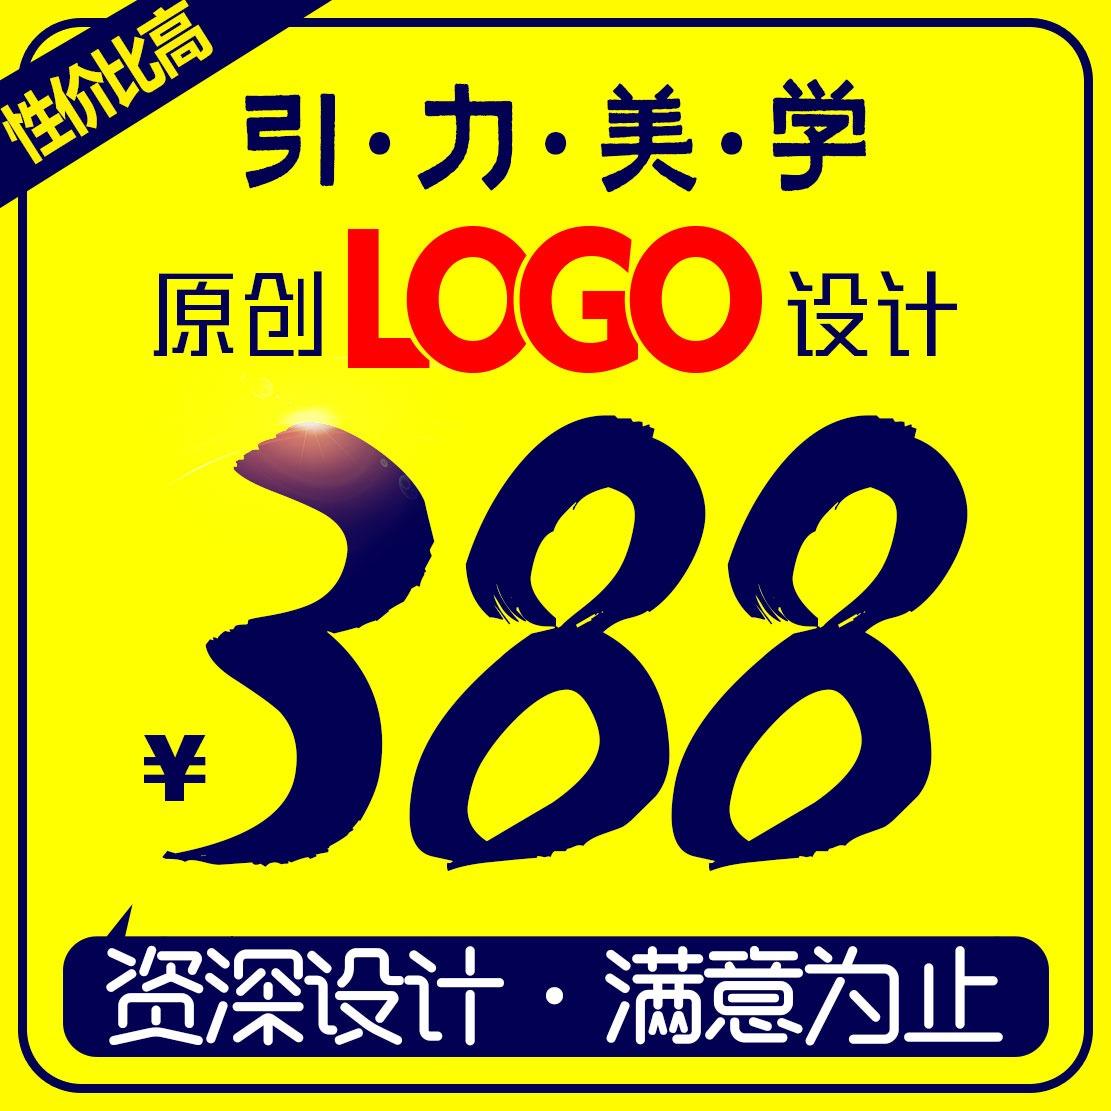 引力公司餐饮建筑互联网金融图形标志商标门店LOGO/VI设计